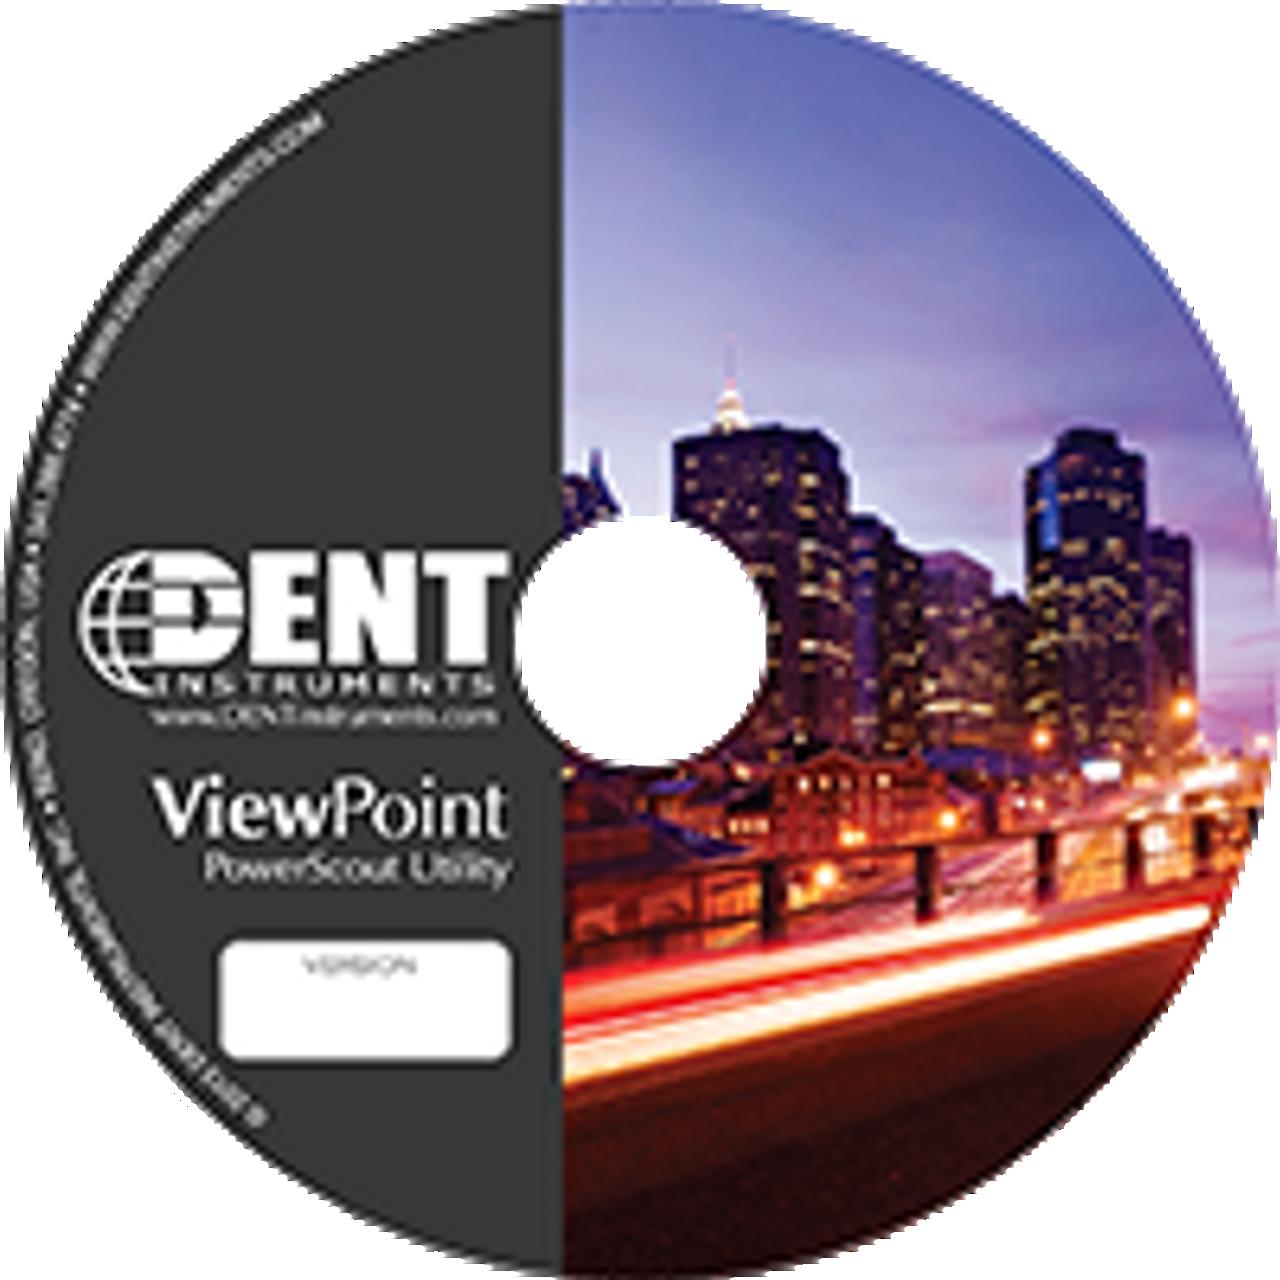 Dent VeiwPoint software.